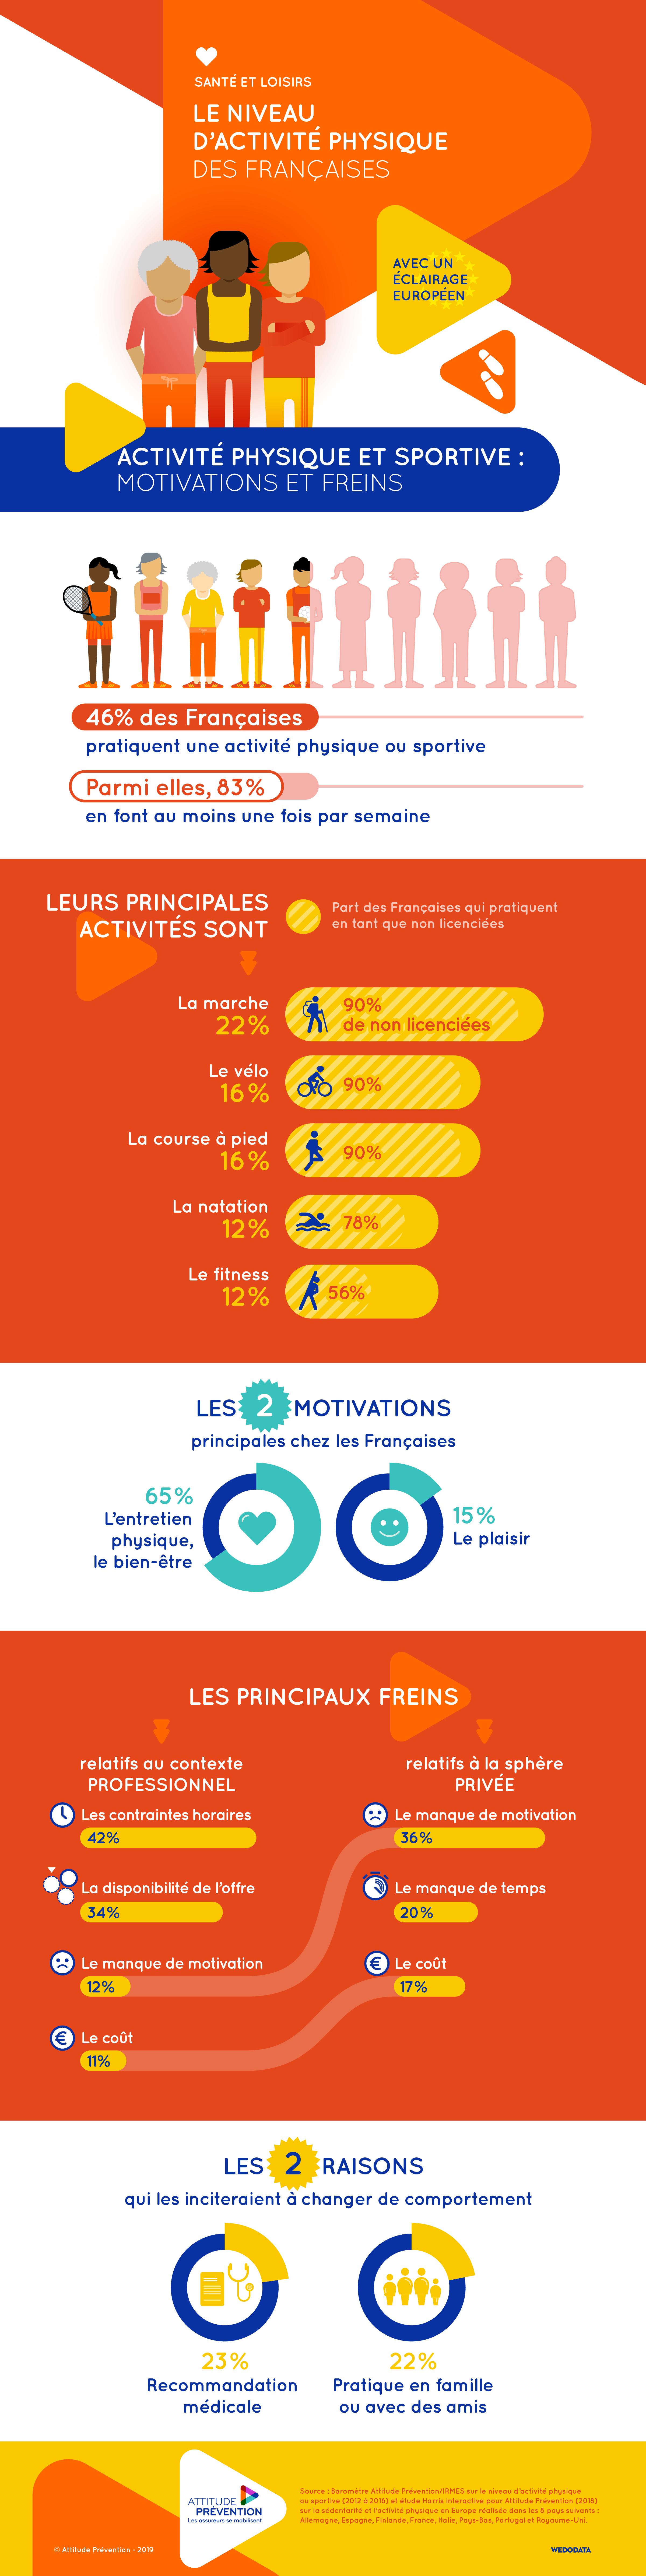 2019.05 Infographie niveau activite physique francaises eclairage europeen 02